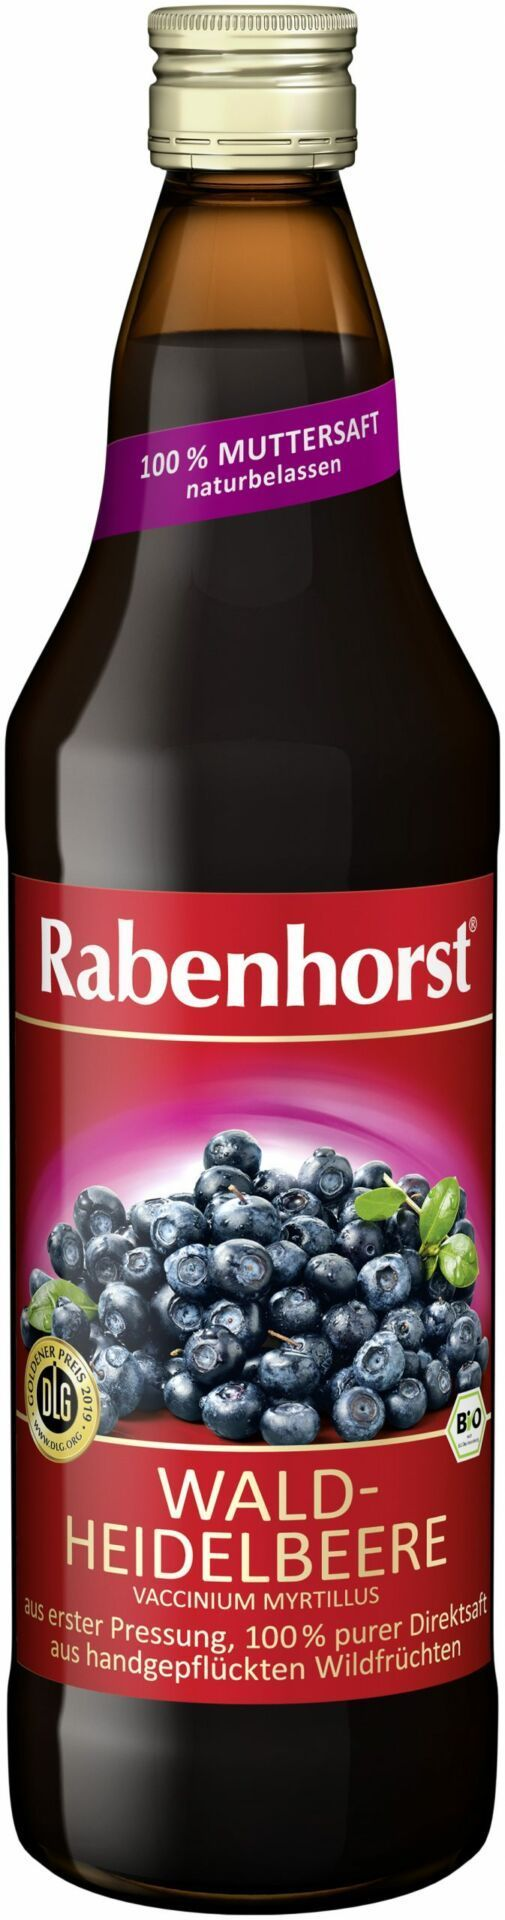 Rabenhorst Waldheidelbeere Muttersaft, Bio 6x750ml